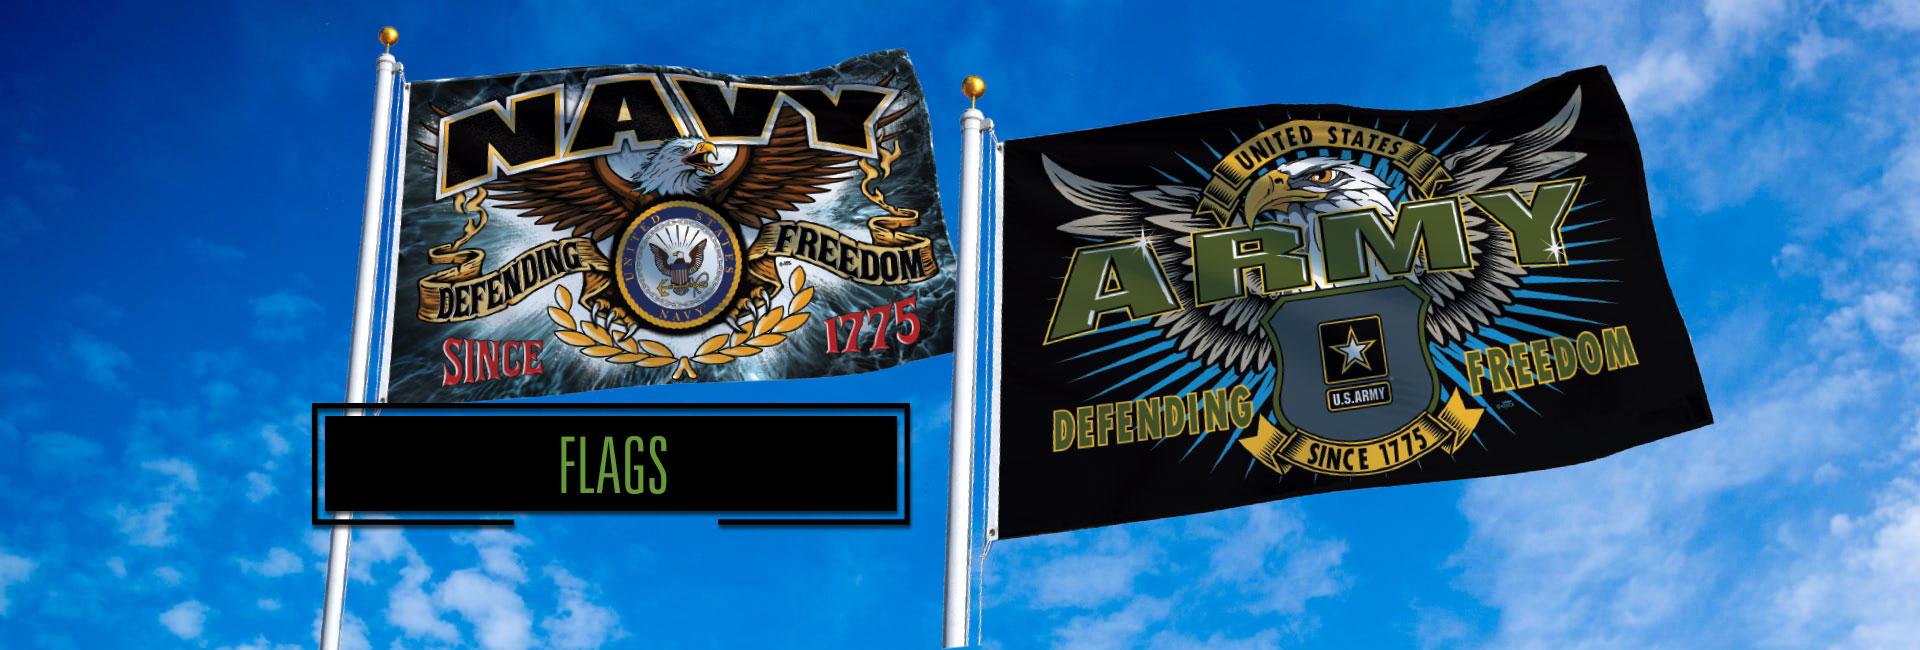 -flag-logo-image-.png